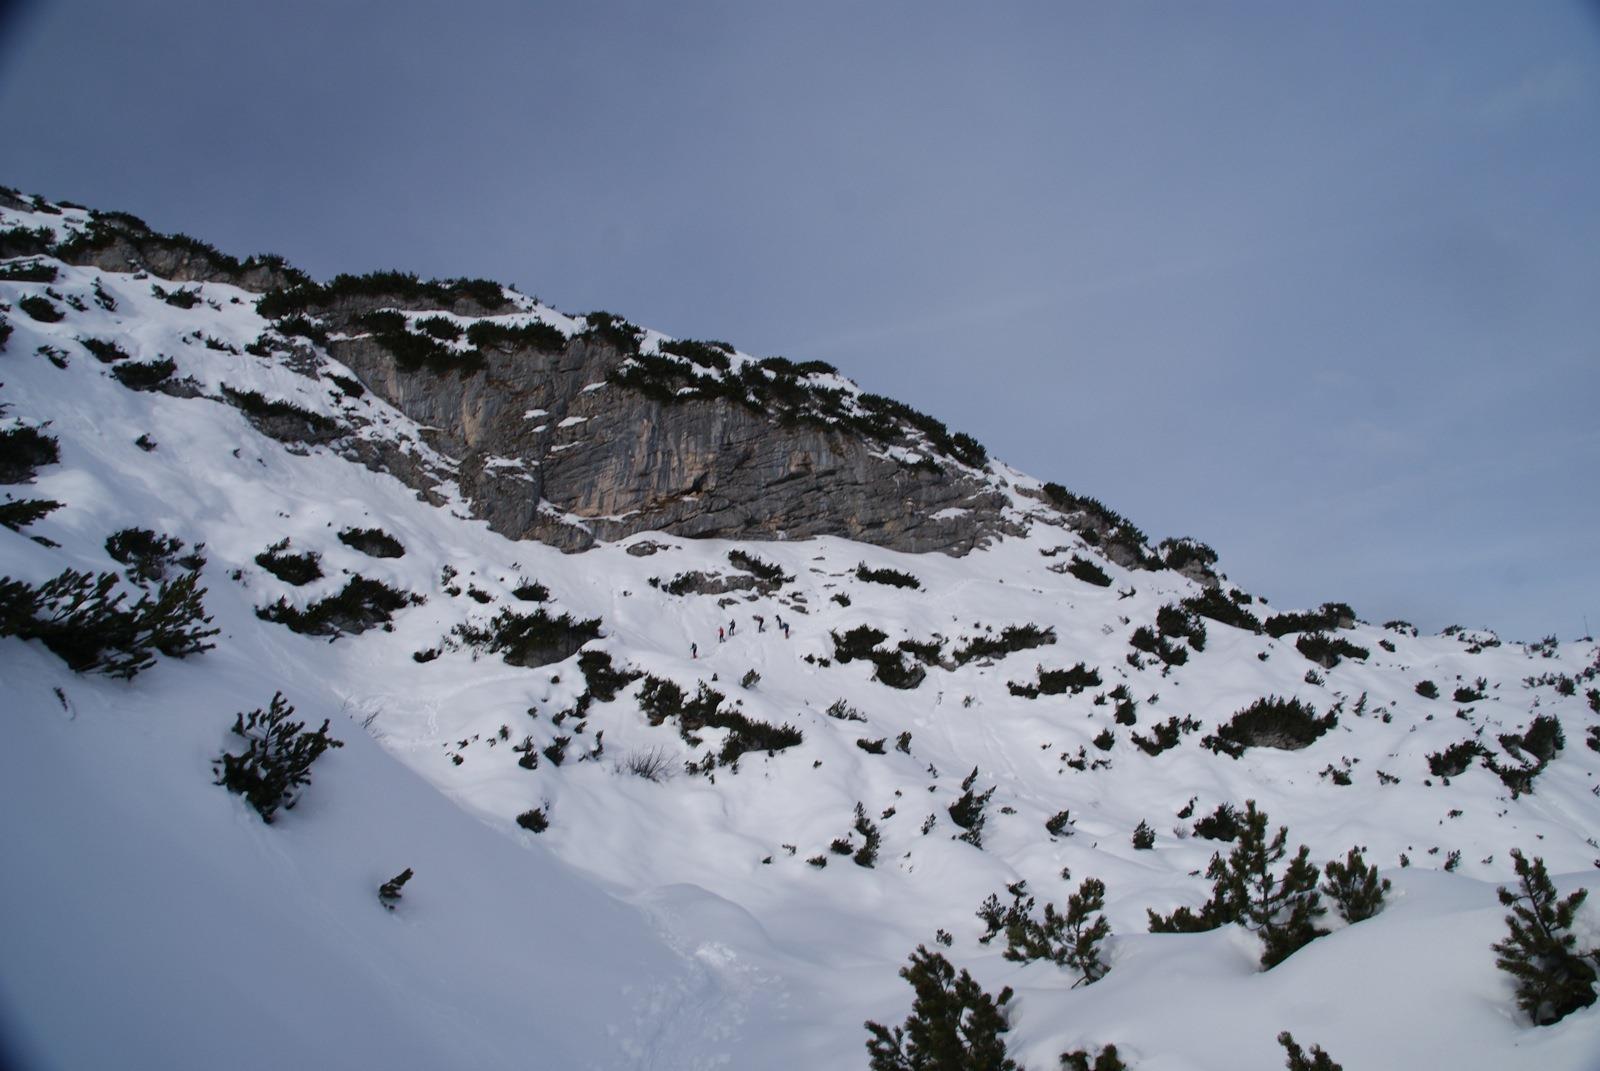 Dachtsein, 07.01.2011 - 021